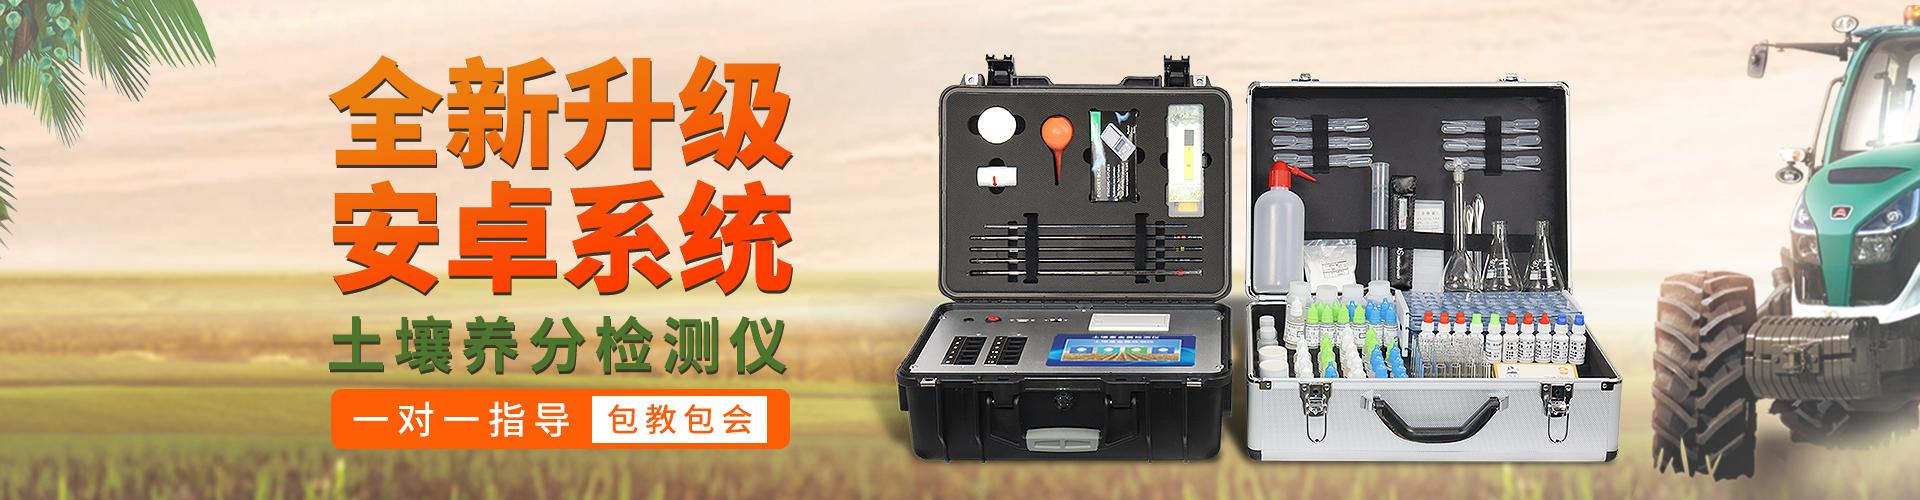 土壤养分检测仪,土壤分析仪